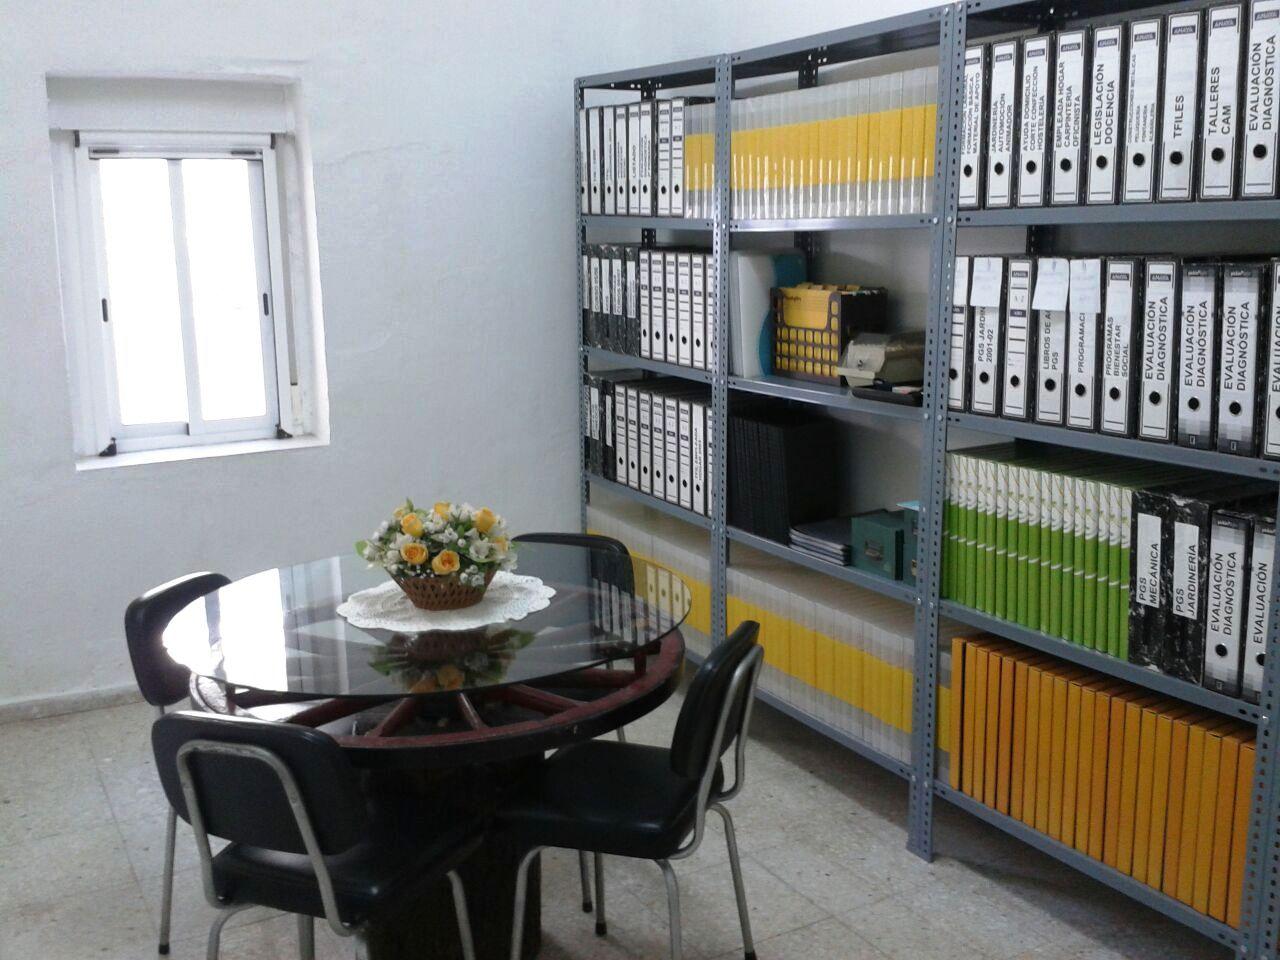 Estanterias metalicas pintadas en blanco y gris for Estanterias oficina